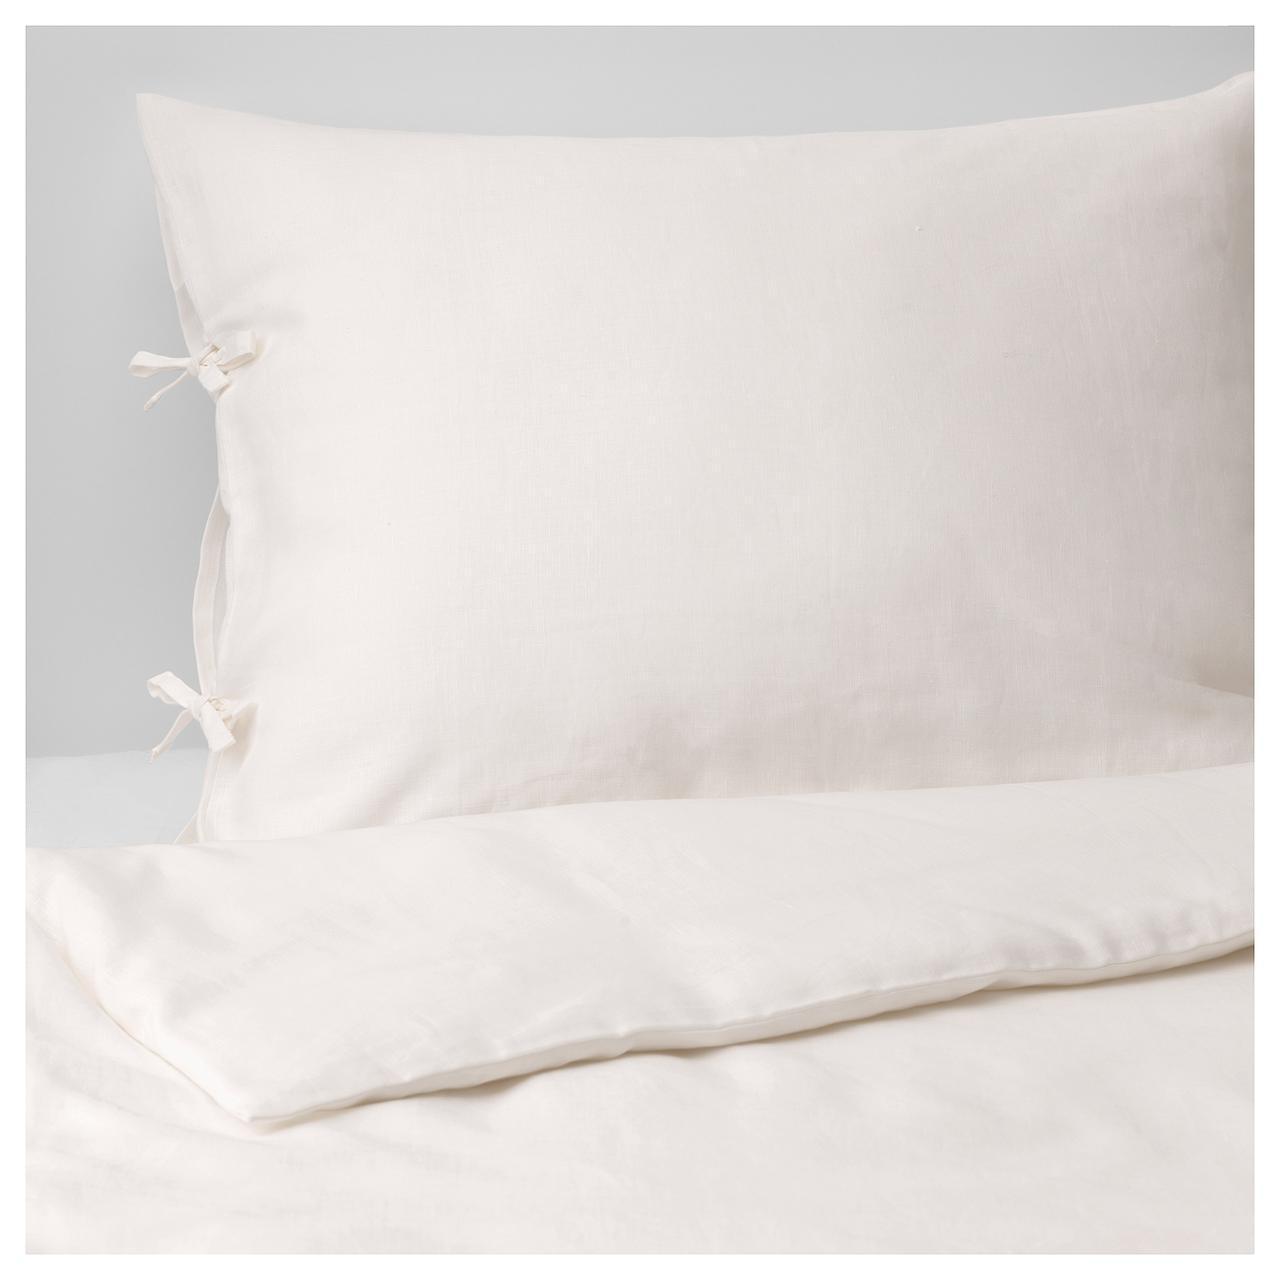 Комплект постельного белья IKEA PUDERVIVA 150х200 см белый 303.984.52